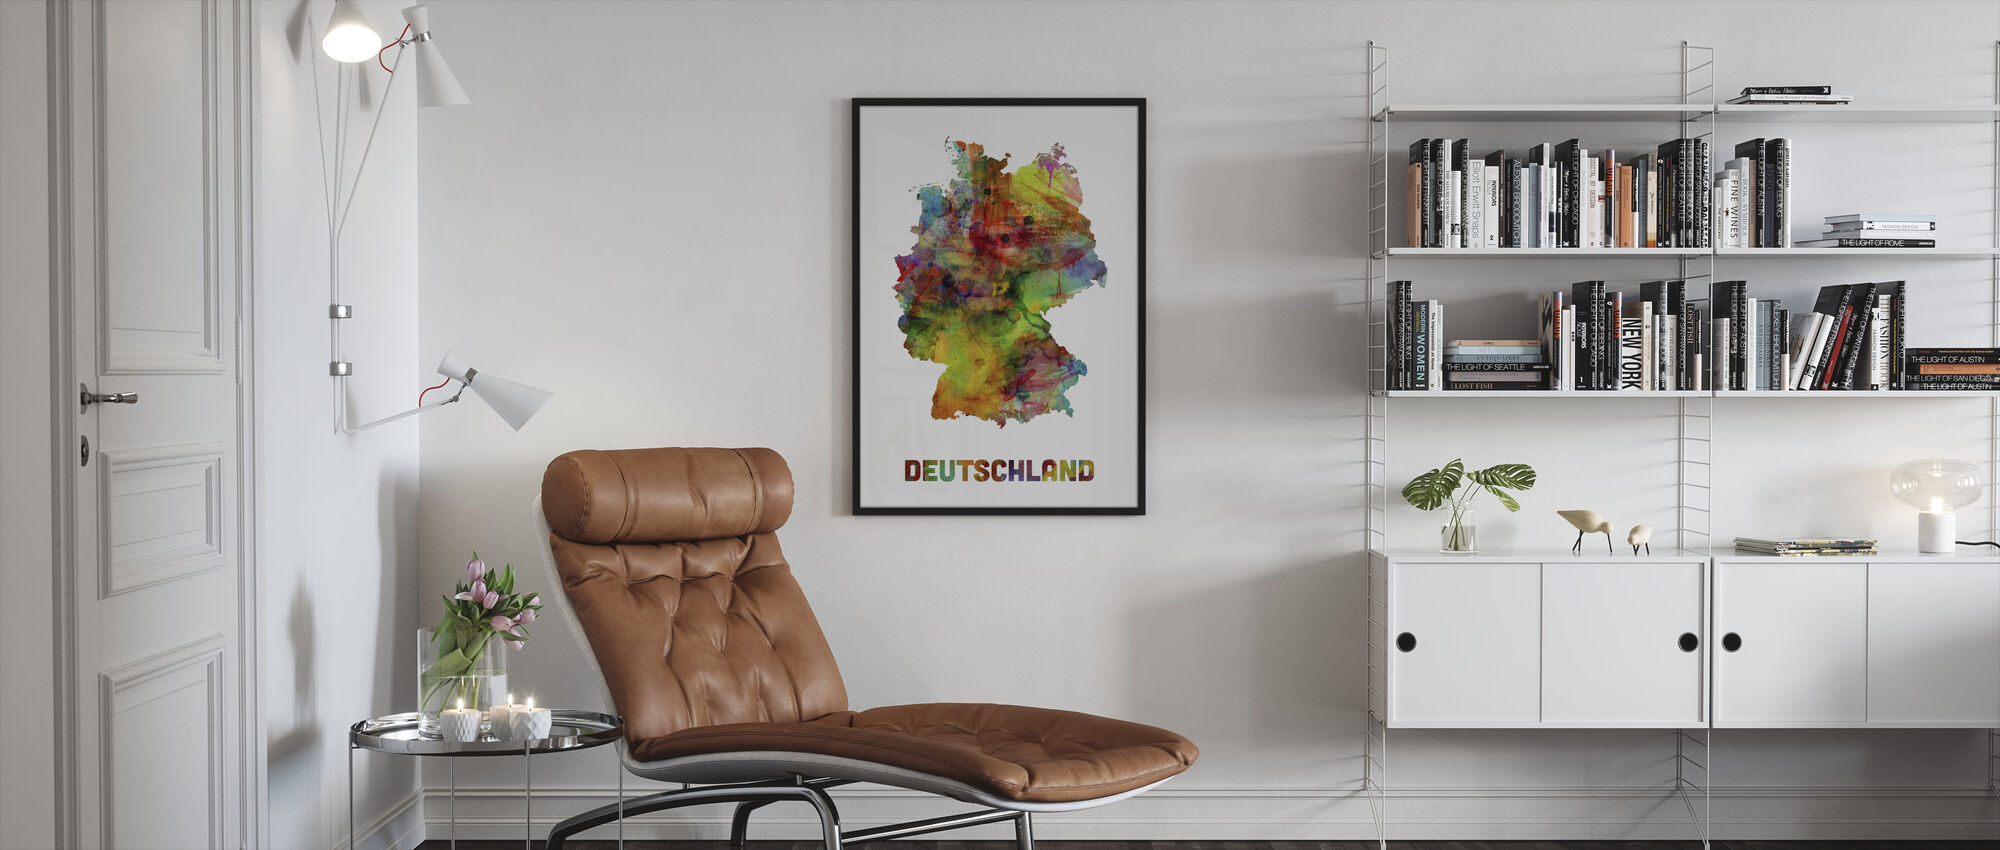 Saksa Watercolor Kartta - Kehystetty kuva - Olohuone